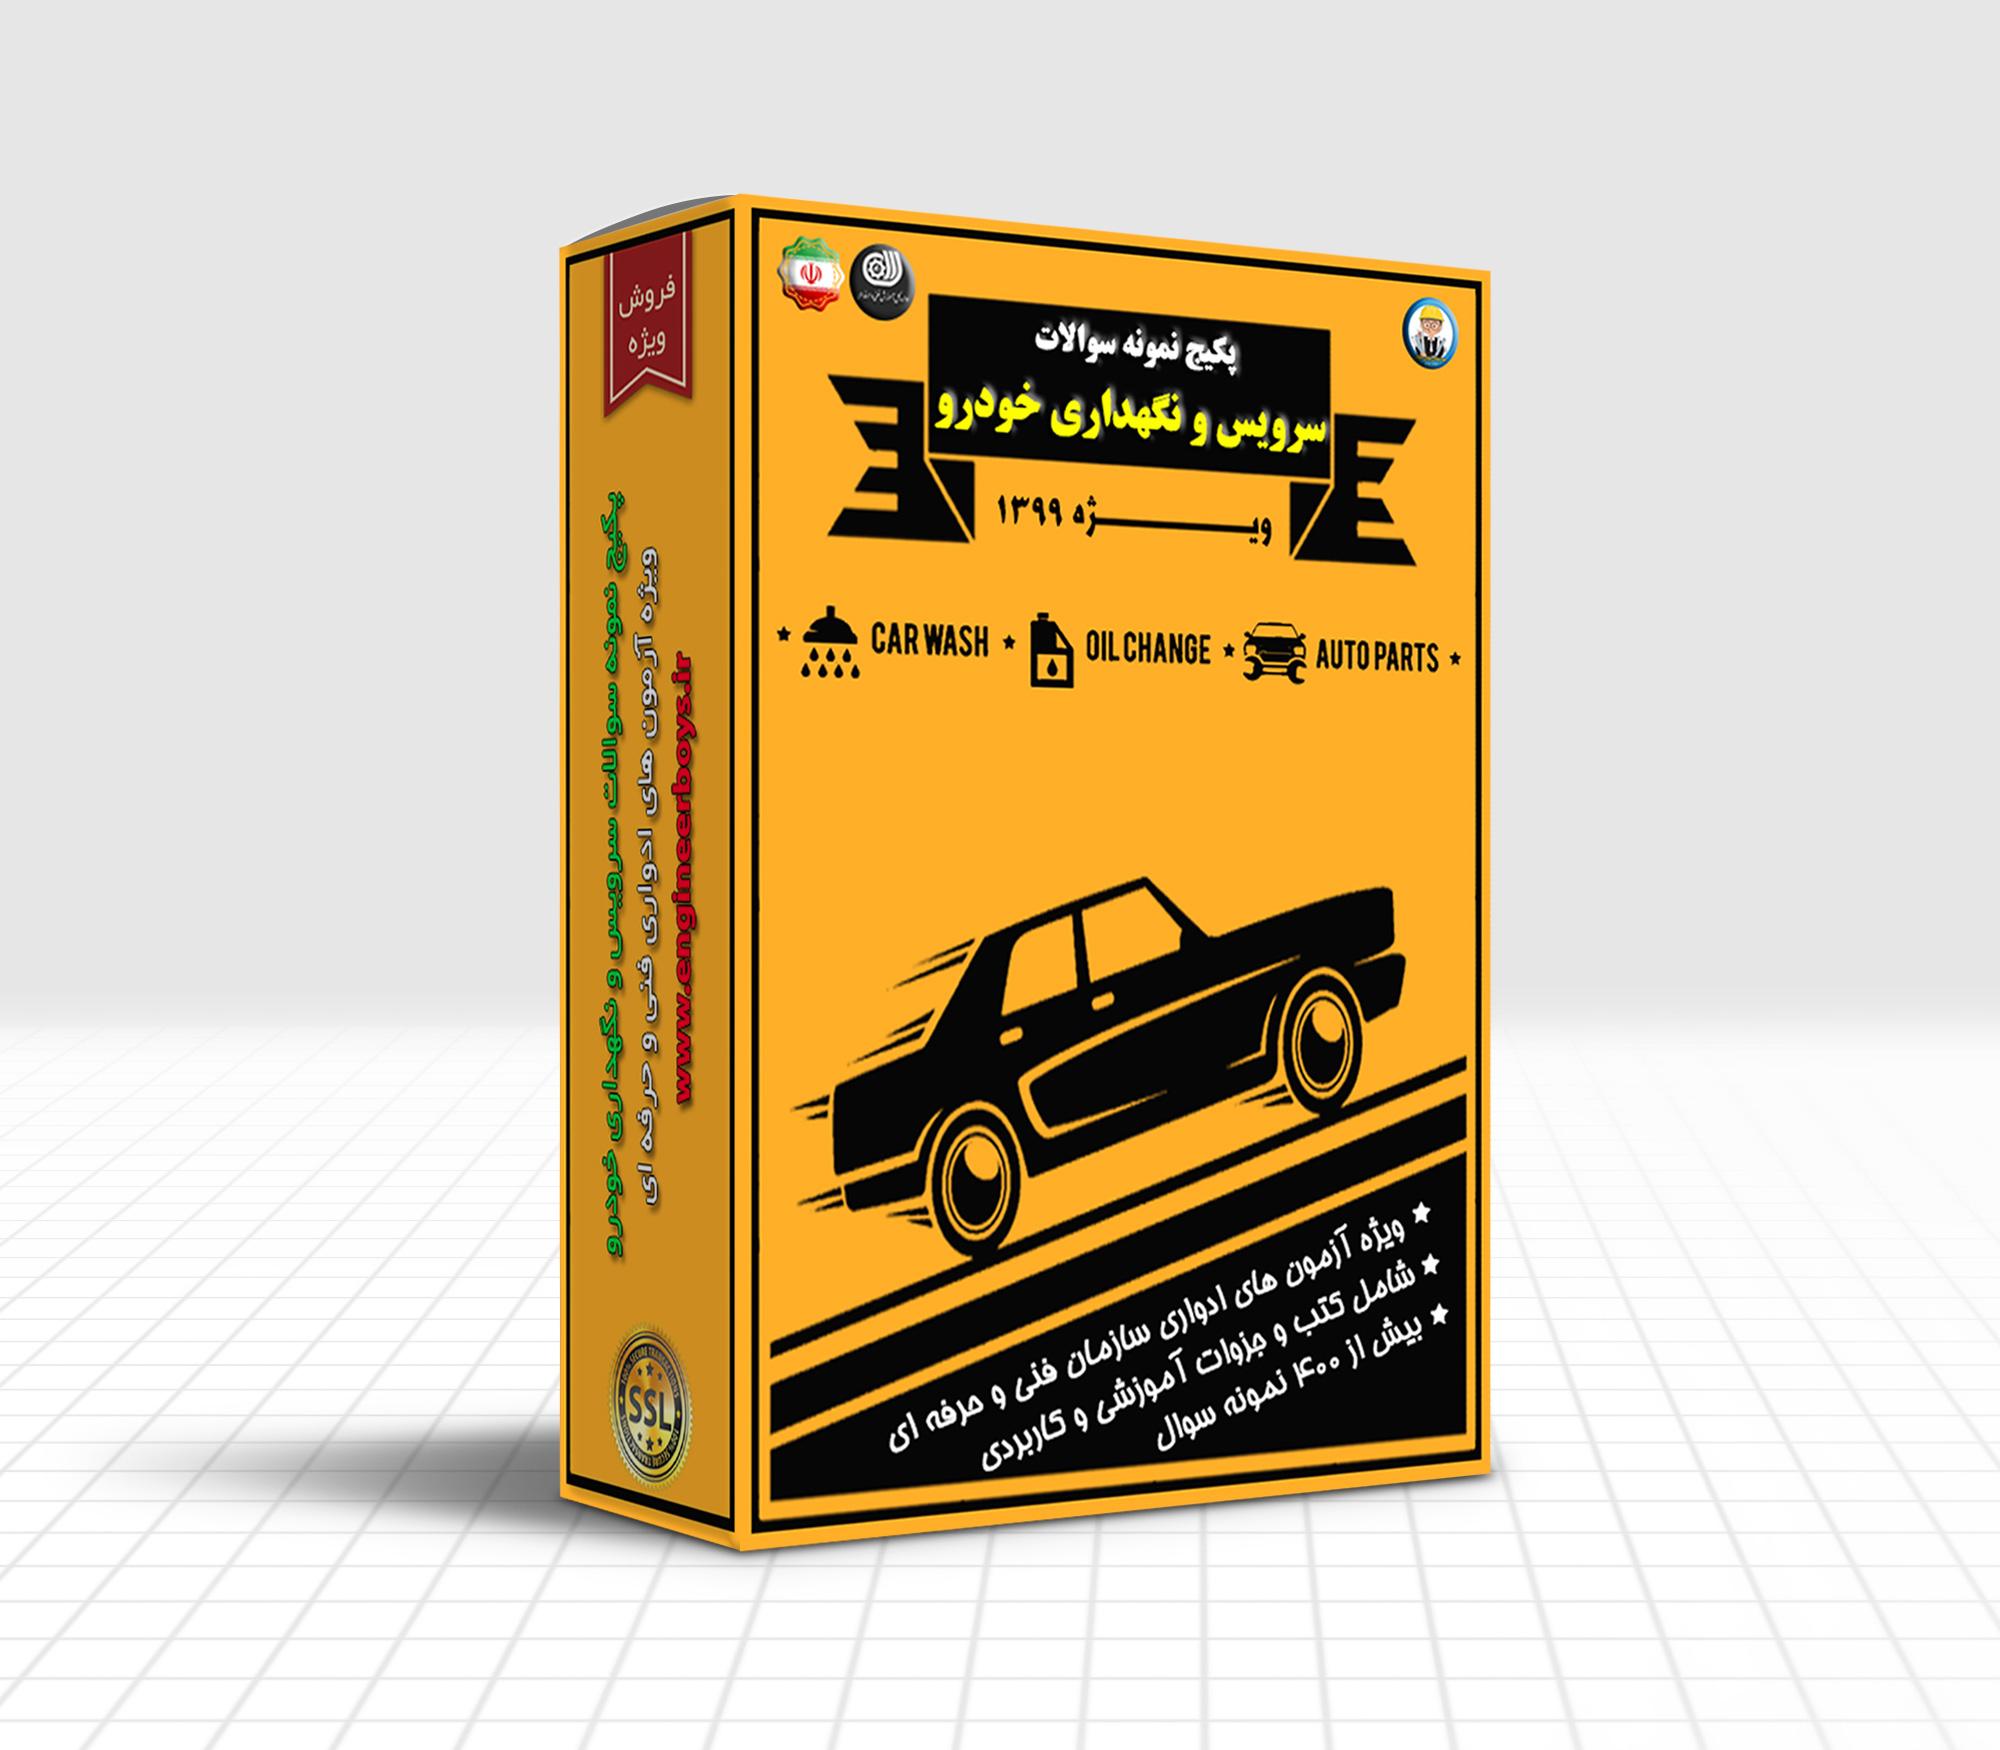 پکیج نمونه سوالات سرویس و نگهداری خودرو ویژه آزمون های فنی وحرفه ای ۱۳۹۹